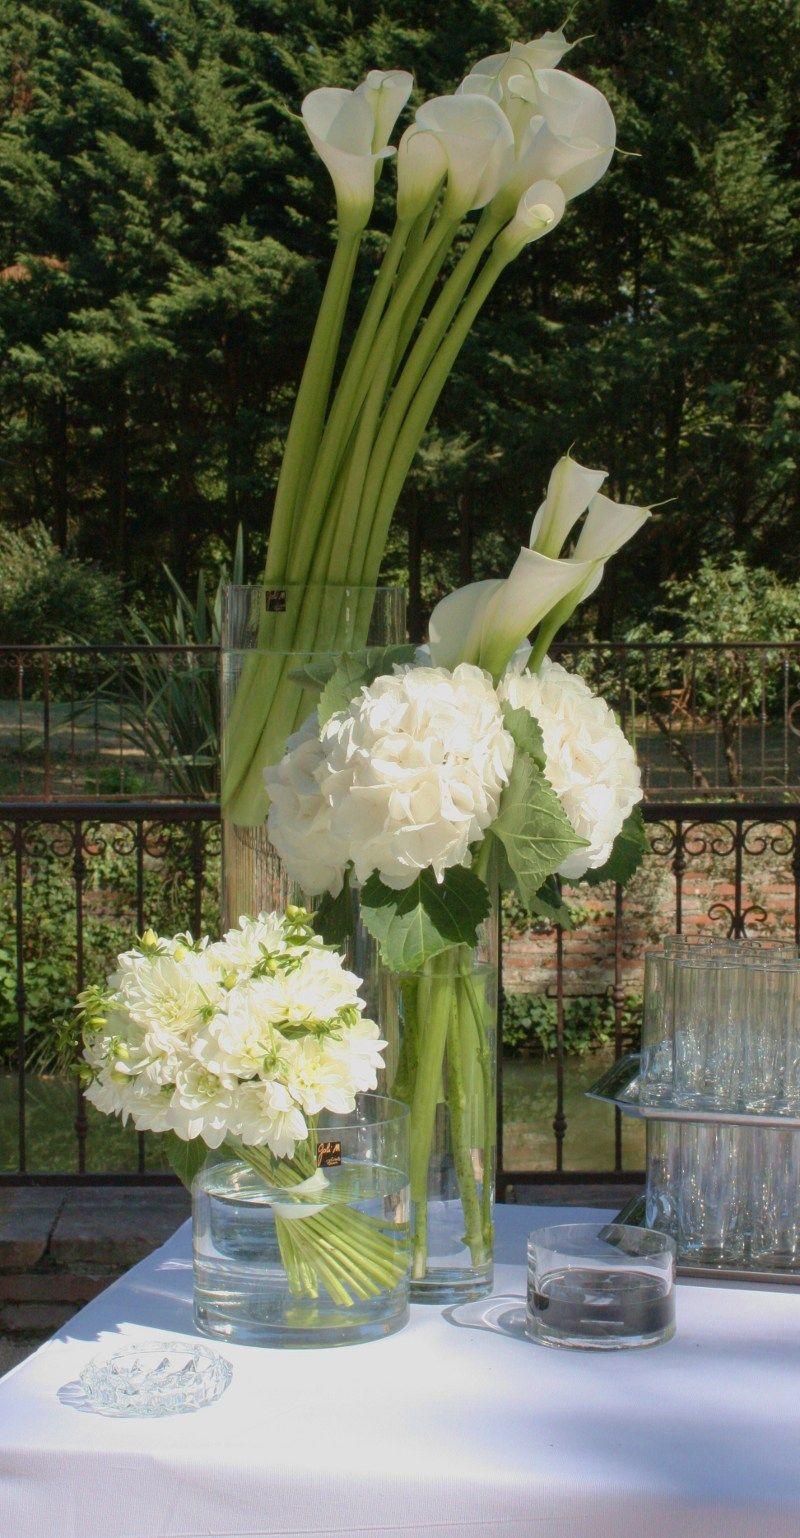 Mariage Vert Et Blanc Www Gali M Fr Ideas For The Wedding